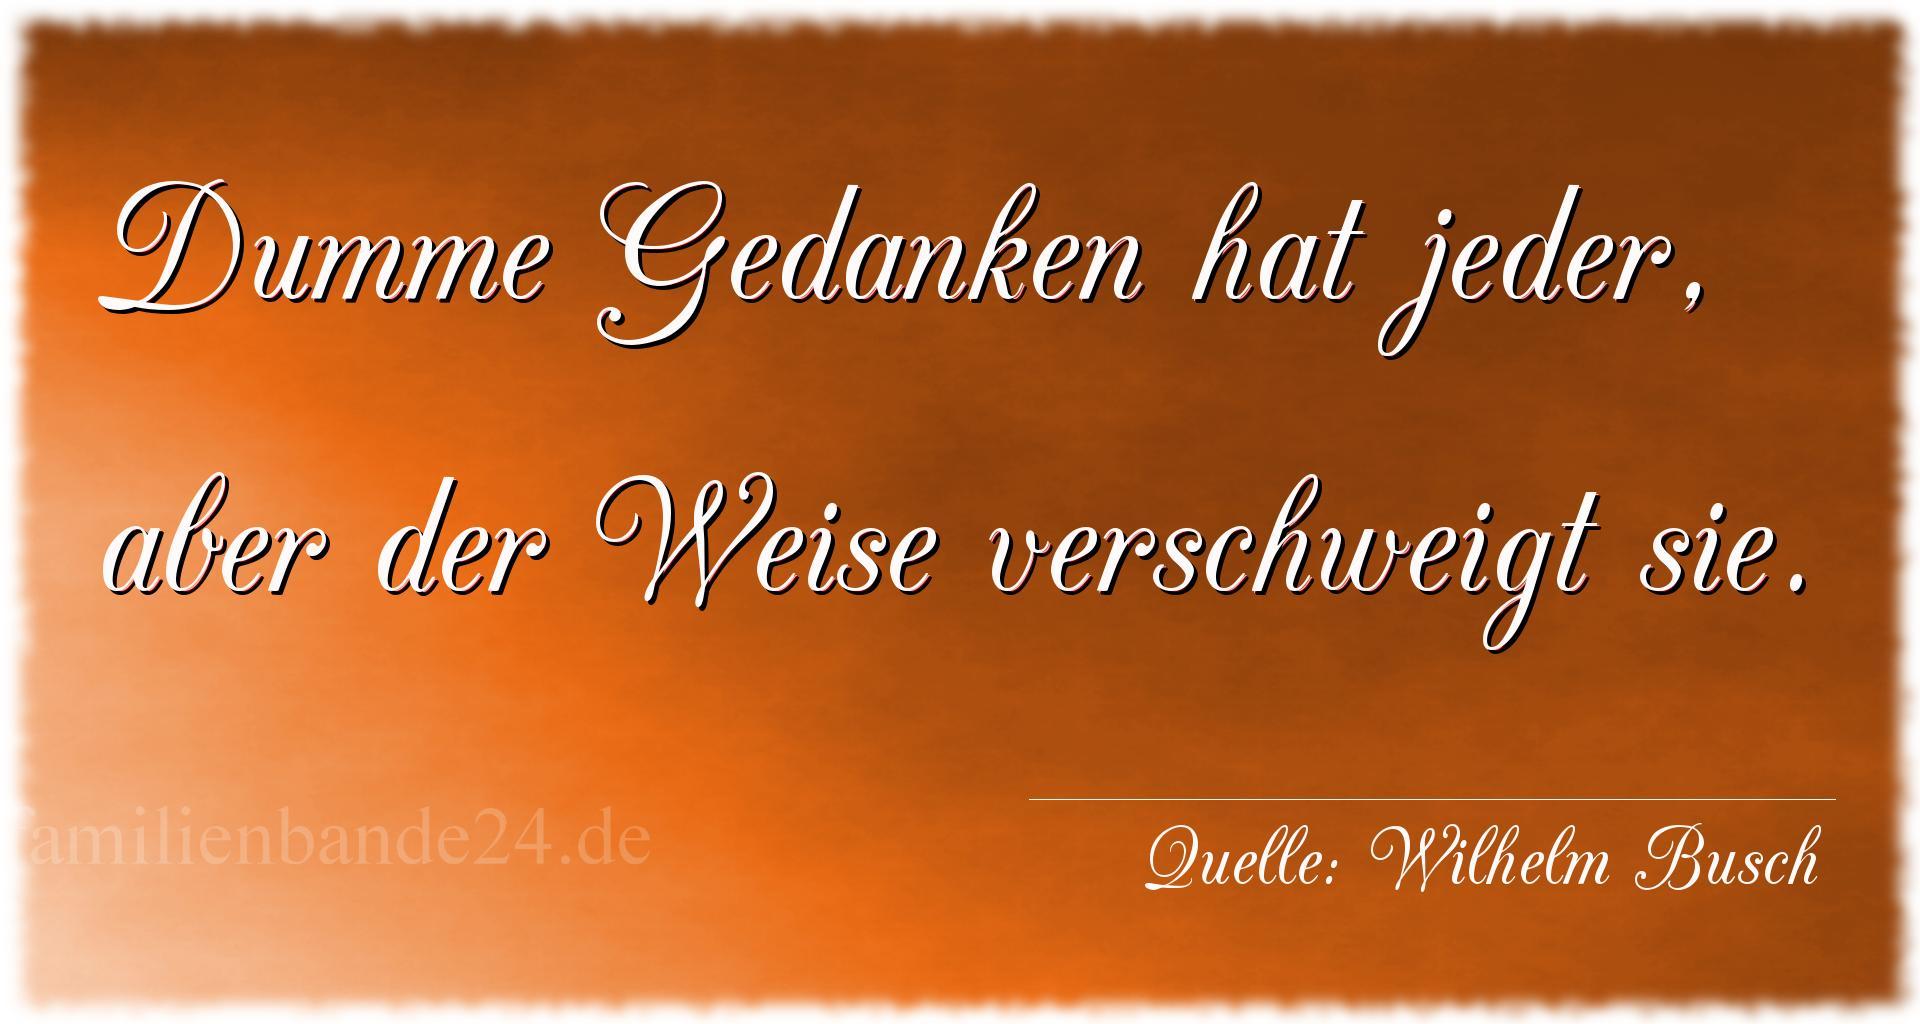 Weihnachtsgedichte Von Wilhelm Busch.Aphorismus 1280 Aus Die Besten Aphorismen